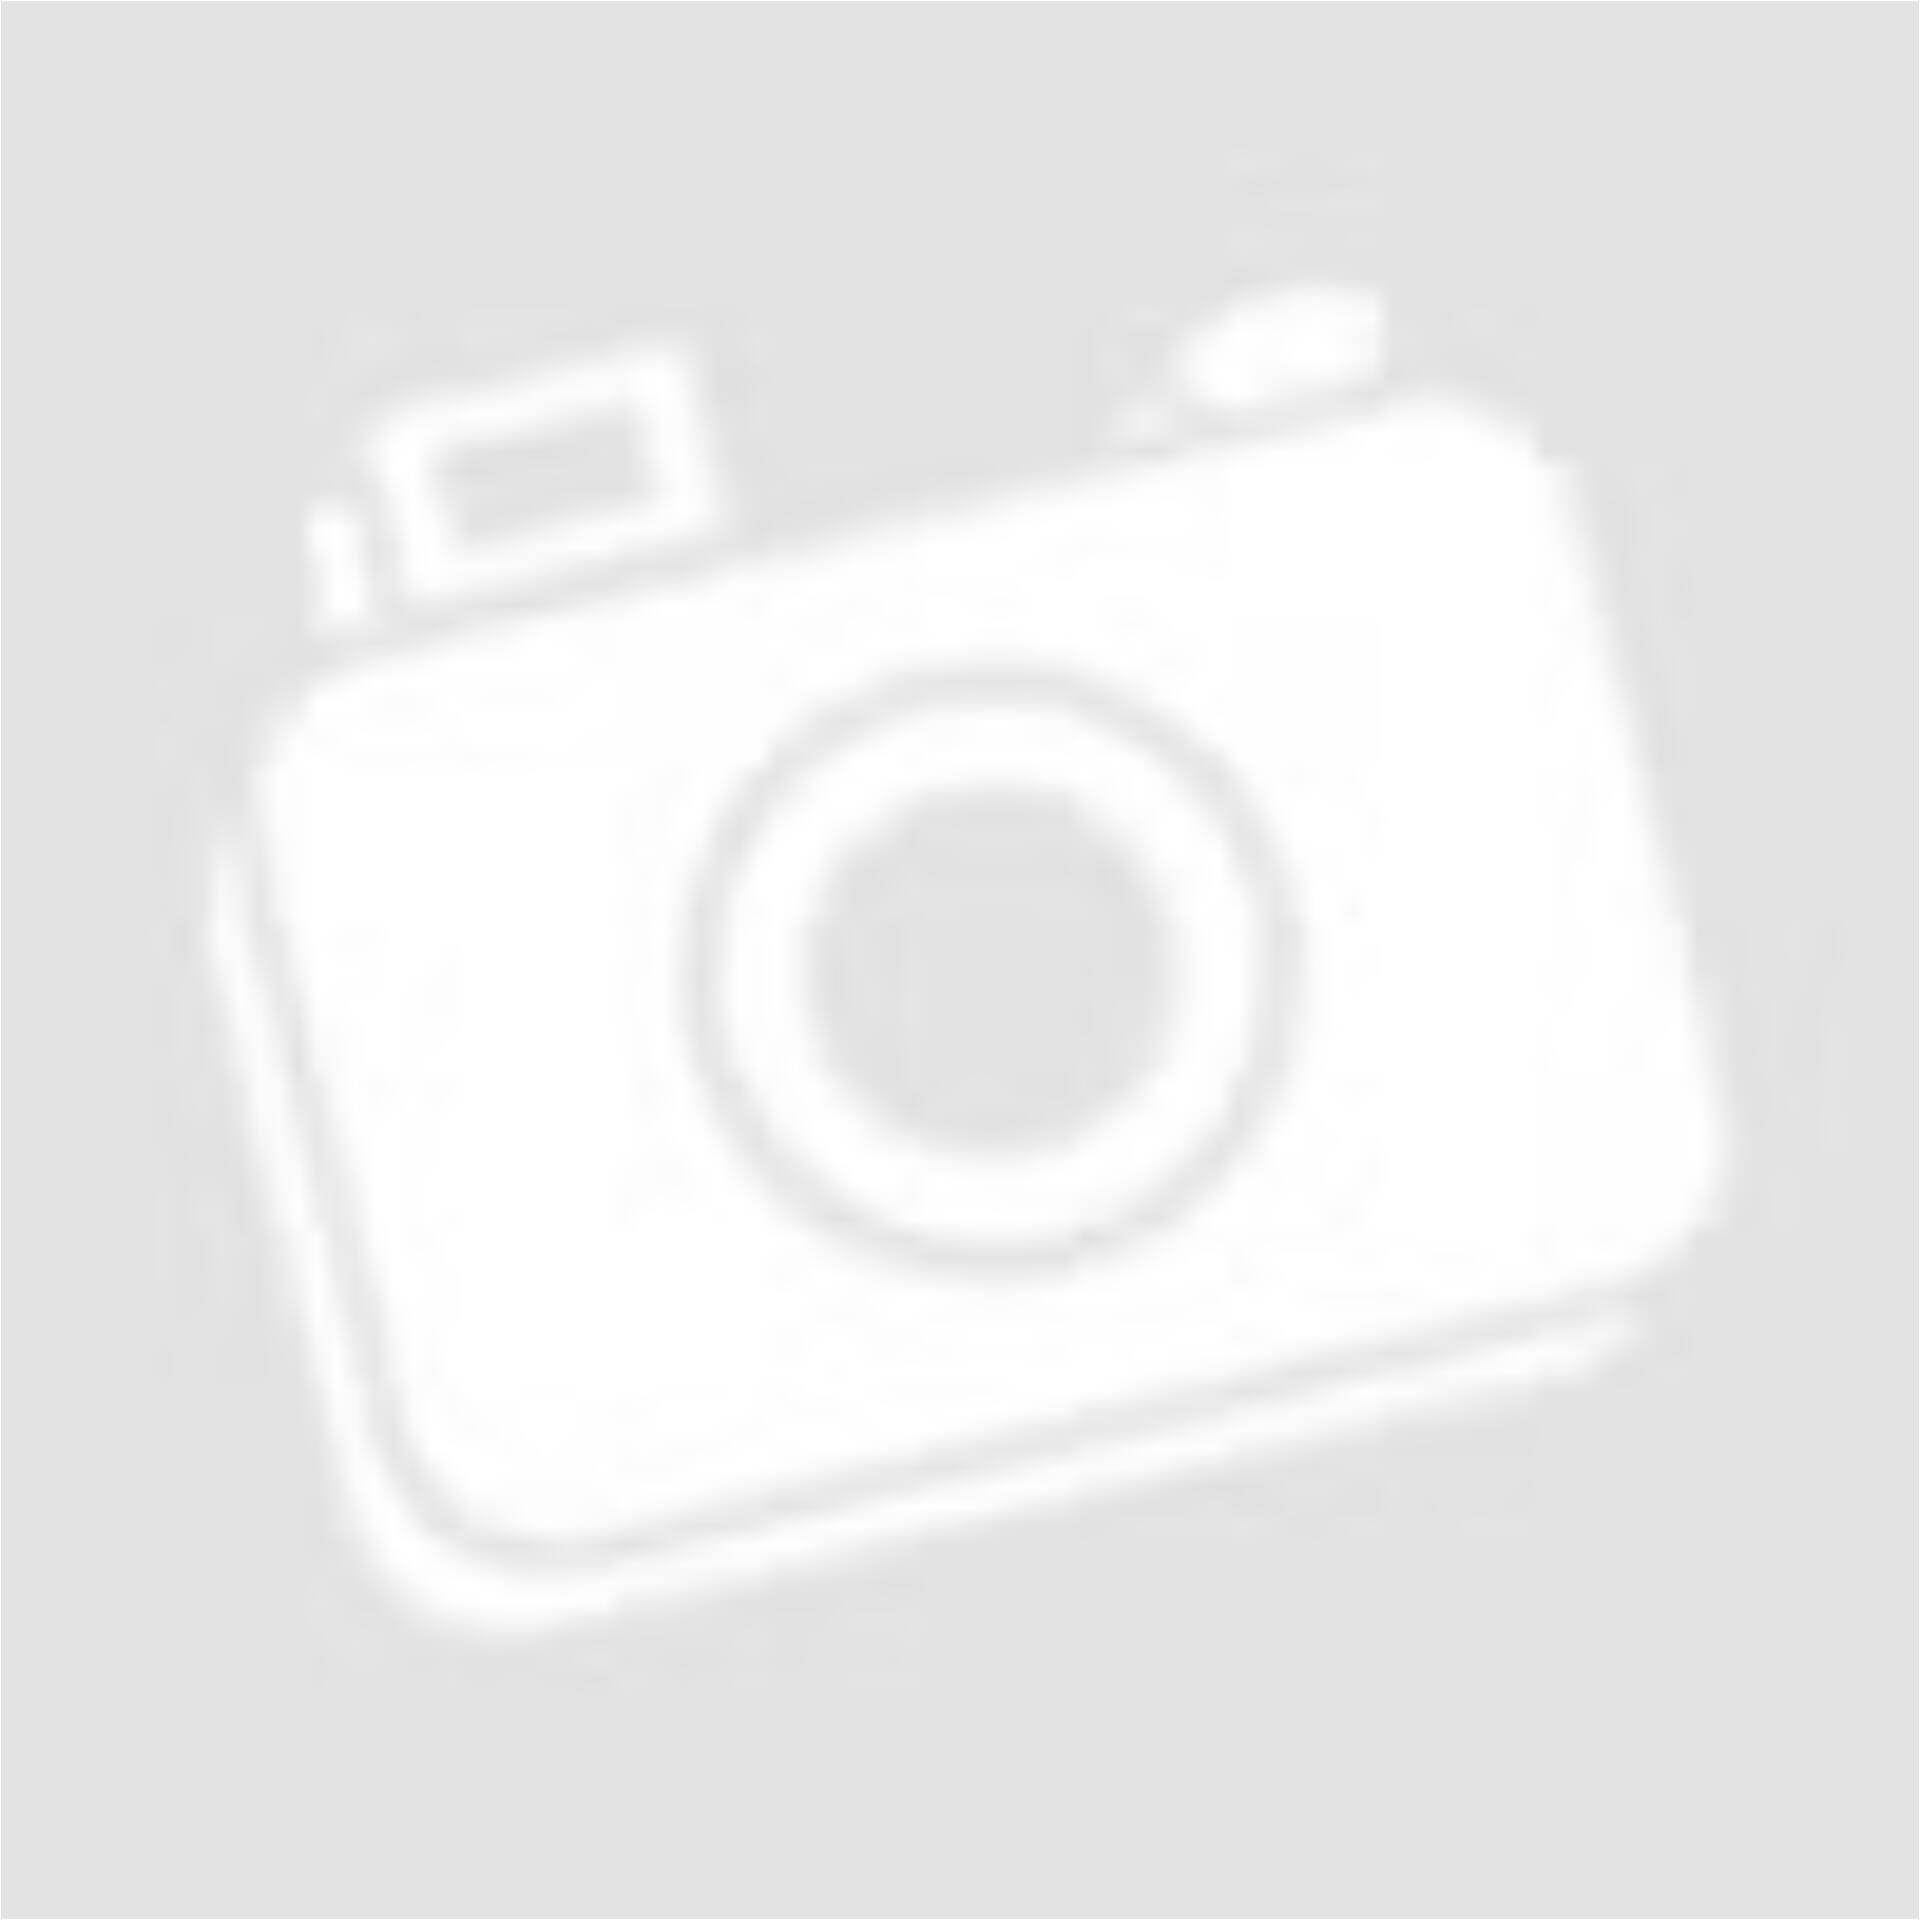 481766cd42 H&M fekete színű csíkos szoknya (Méret: S) - Szoknya - Öltözz ki ...